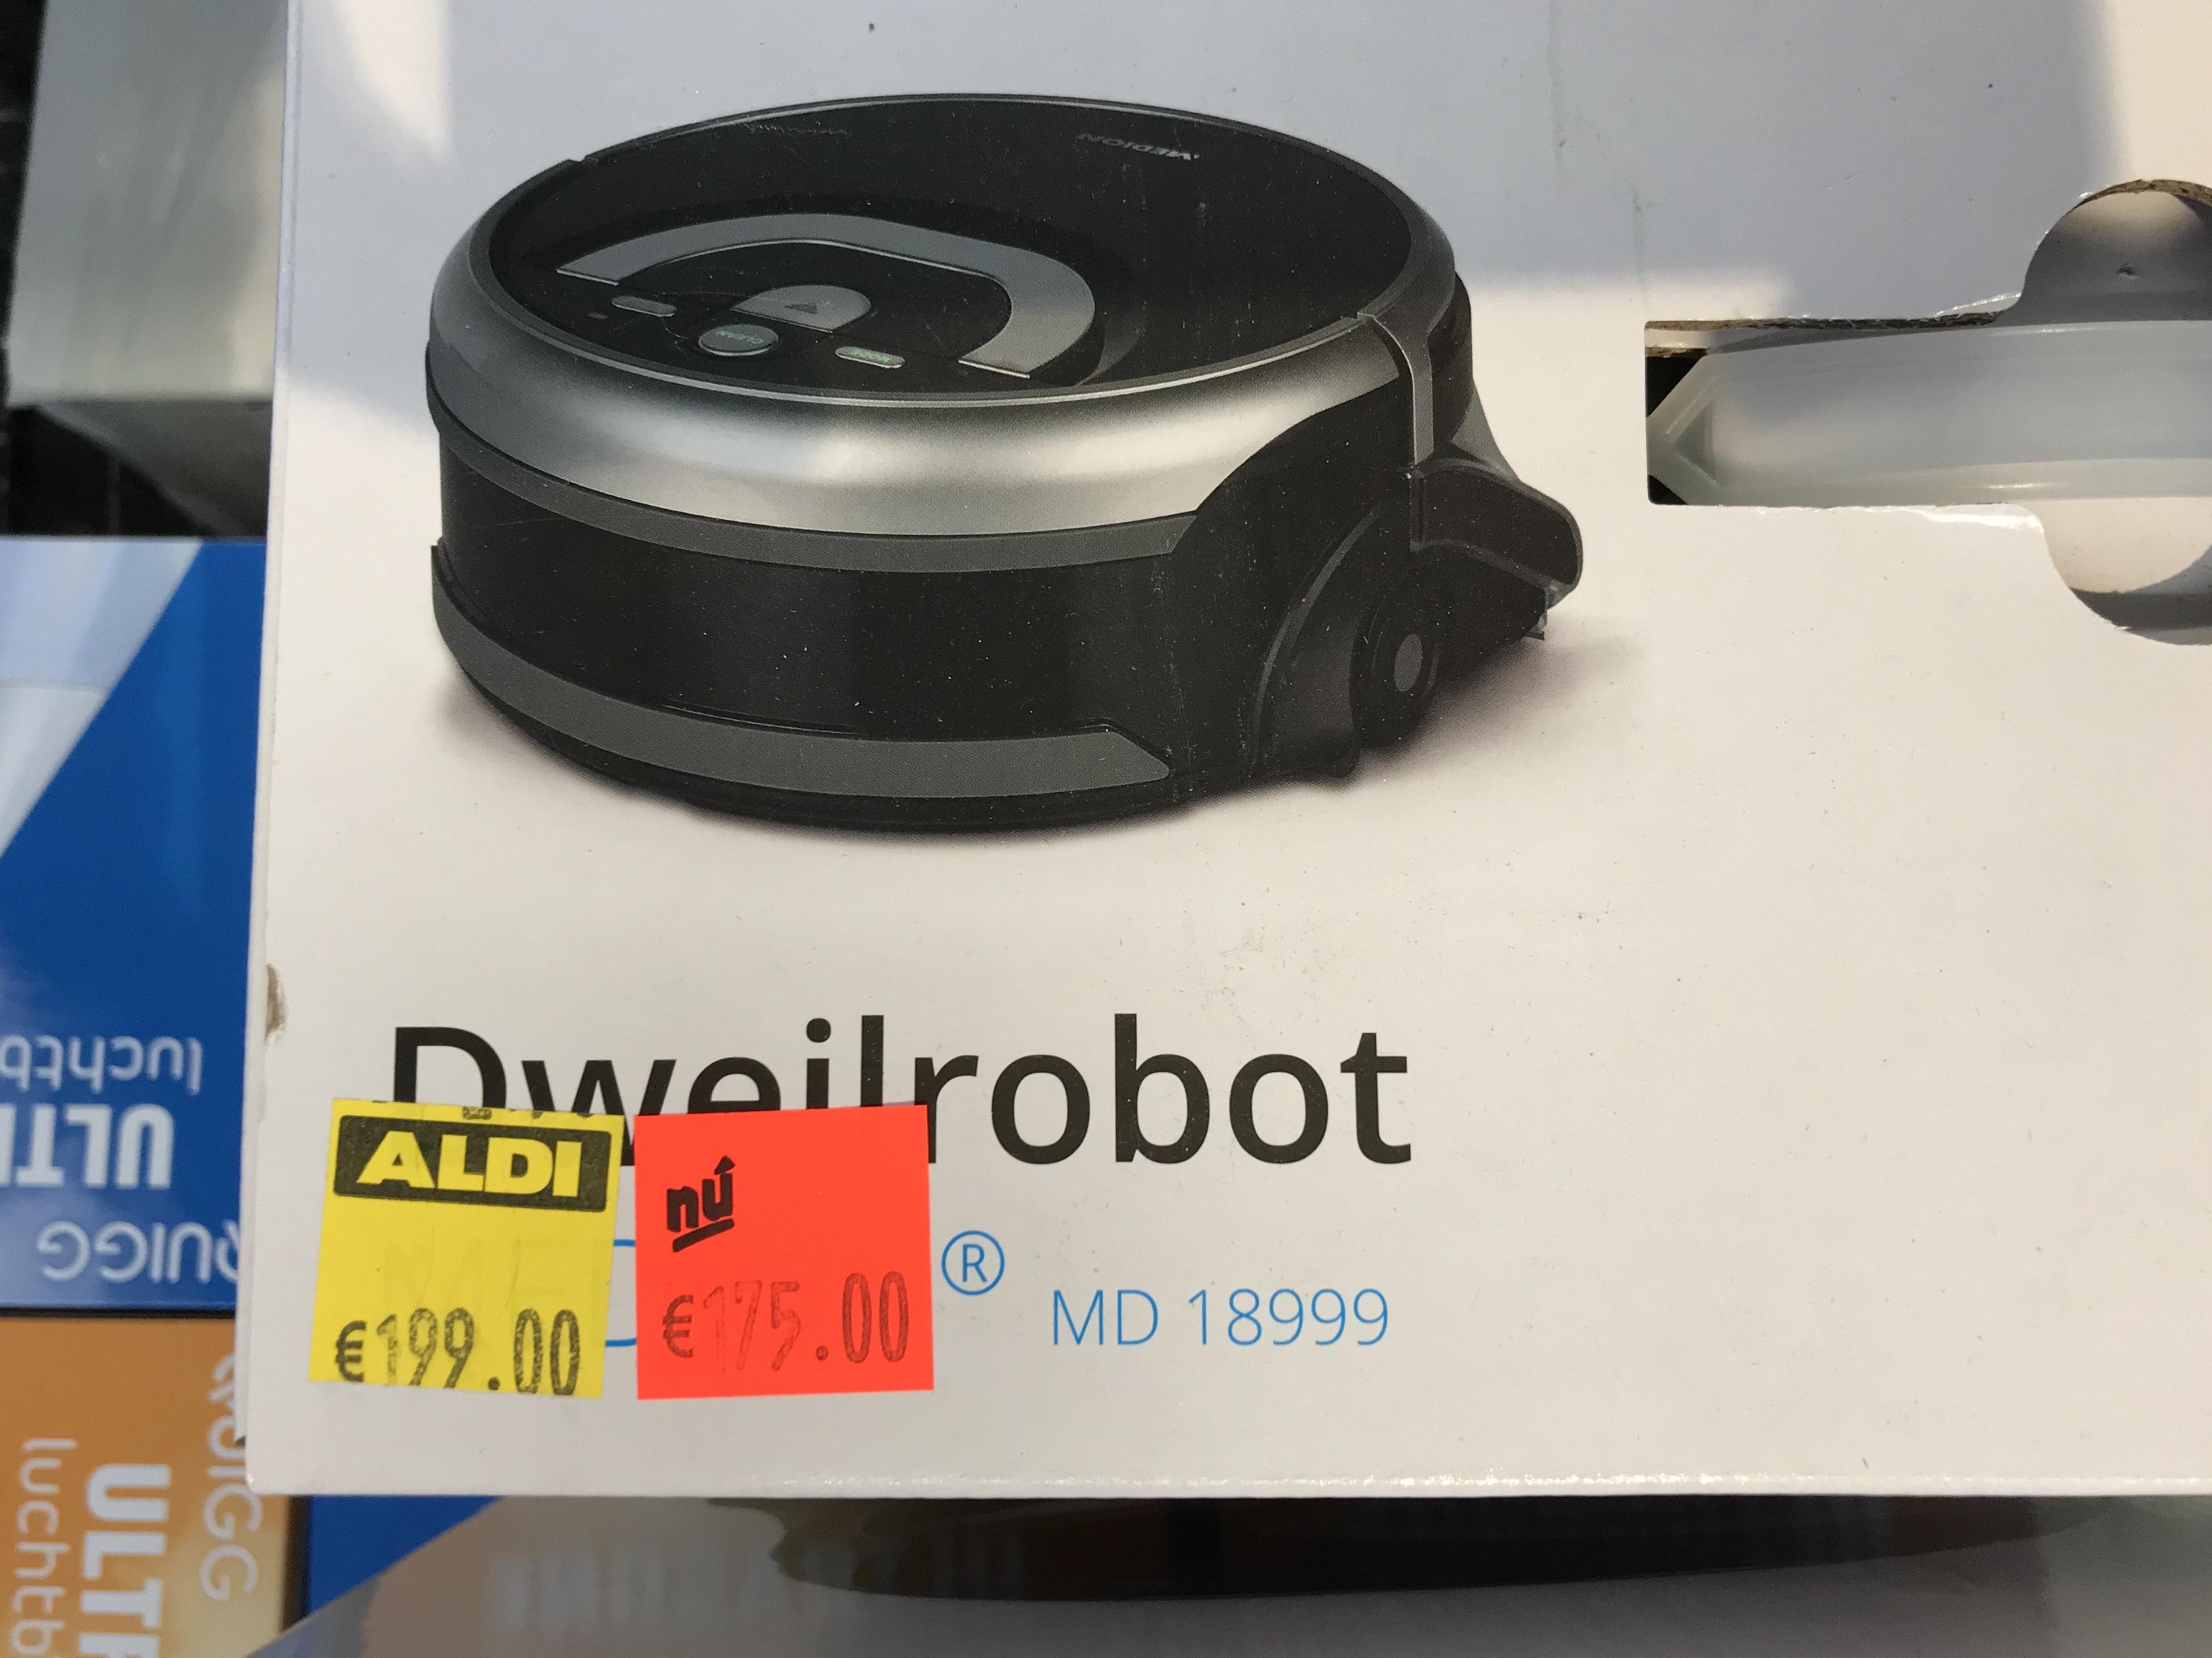 Medion Dweilrobot 18999 was €199,00